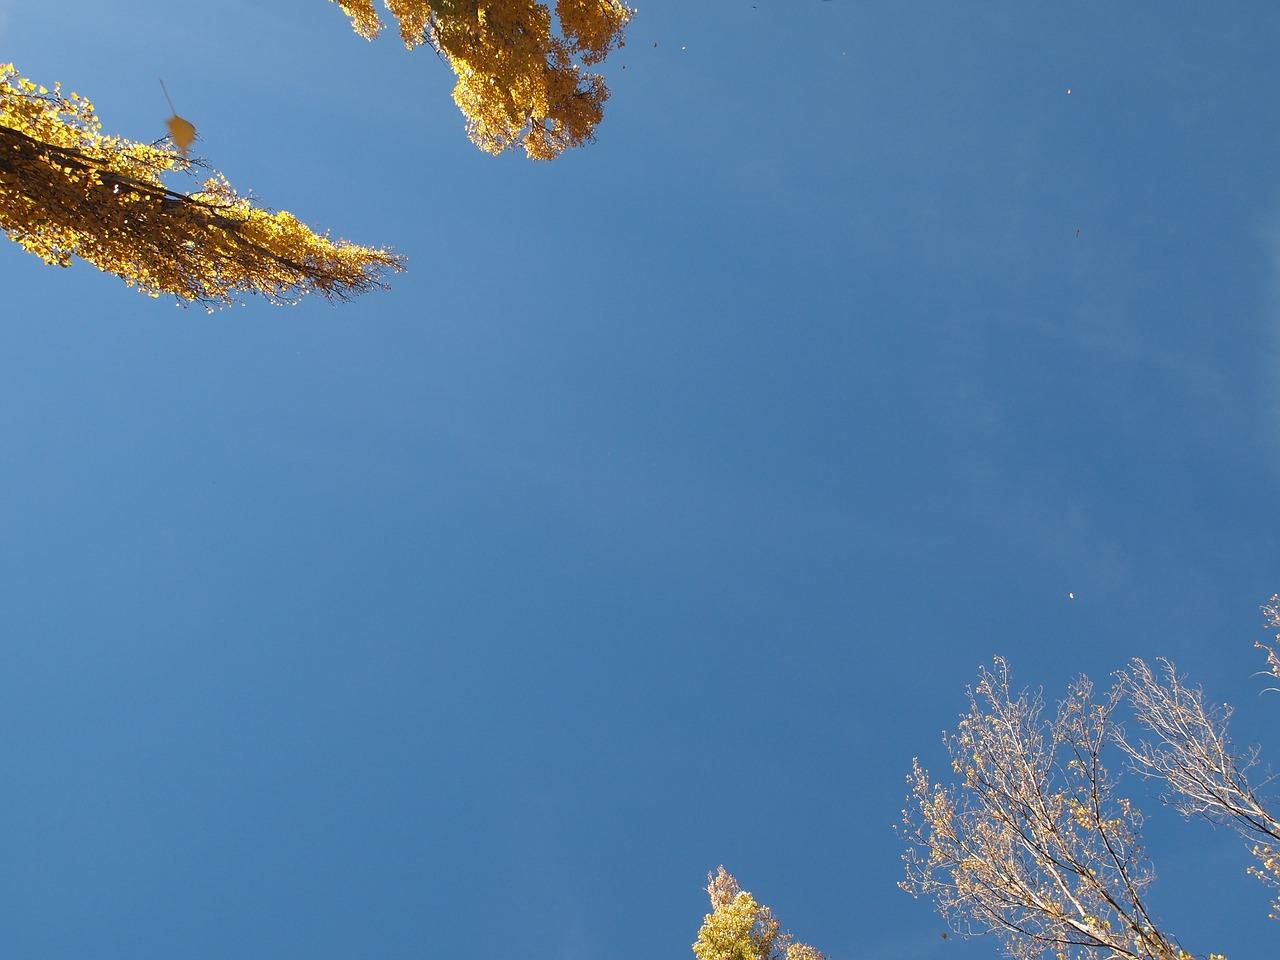 тополя и небо картинки